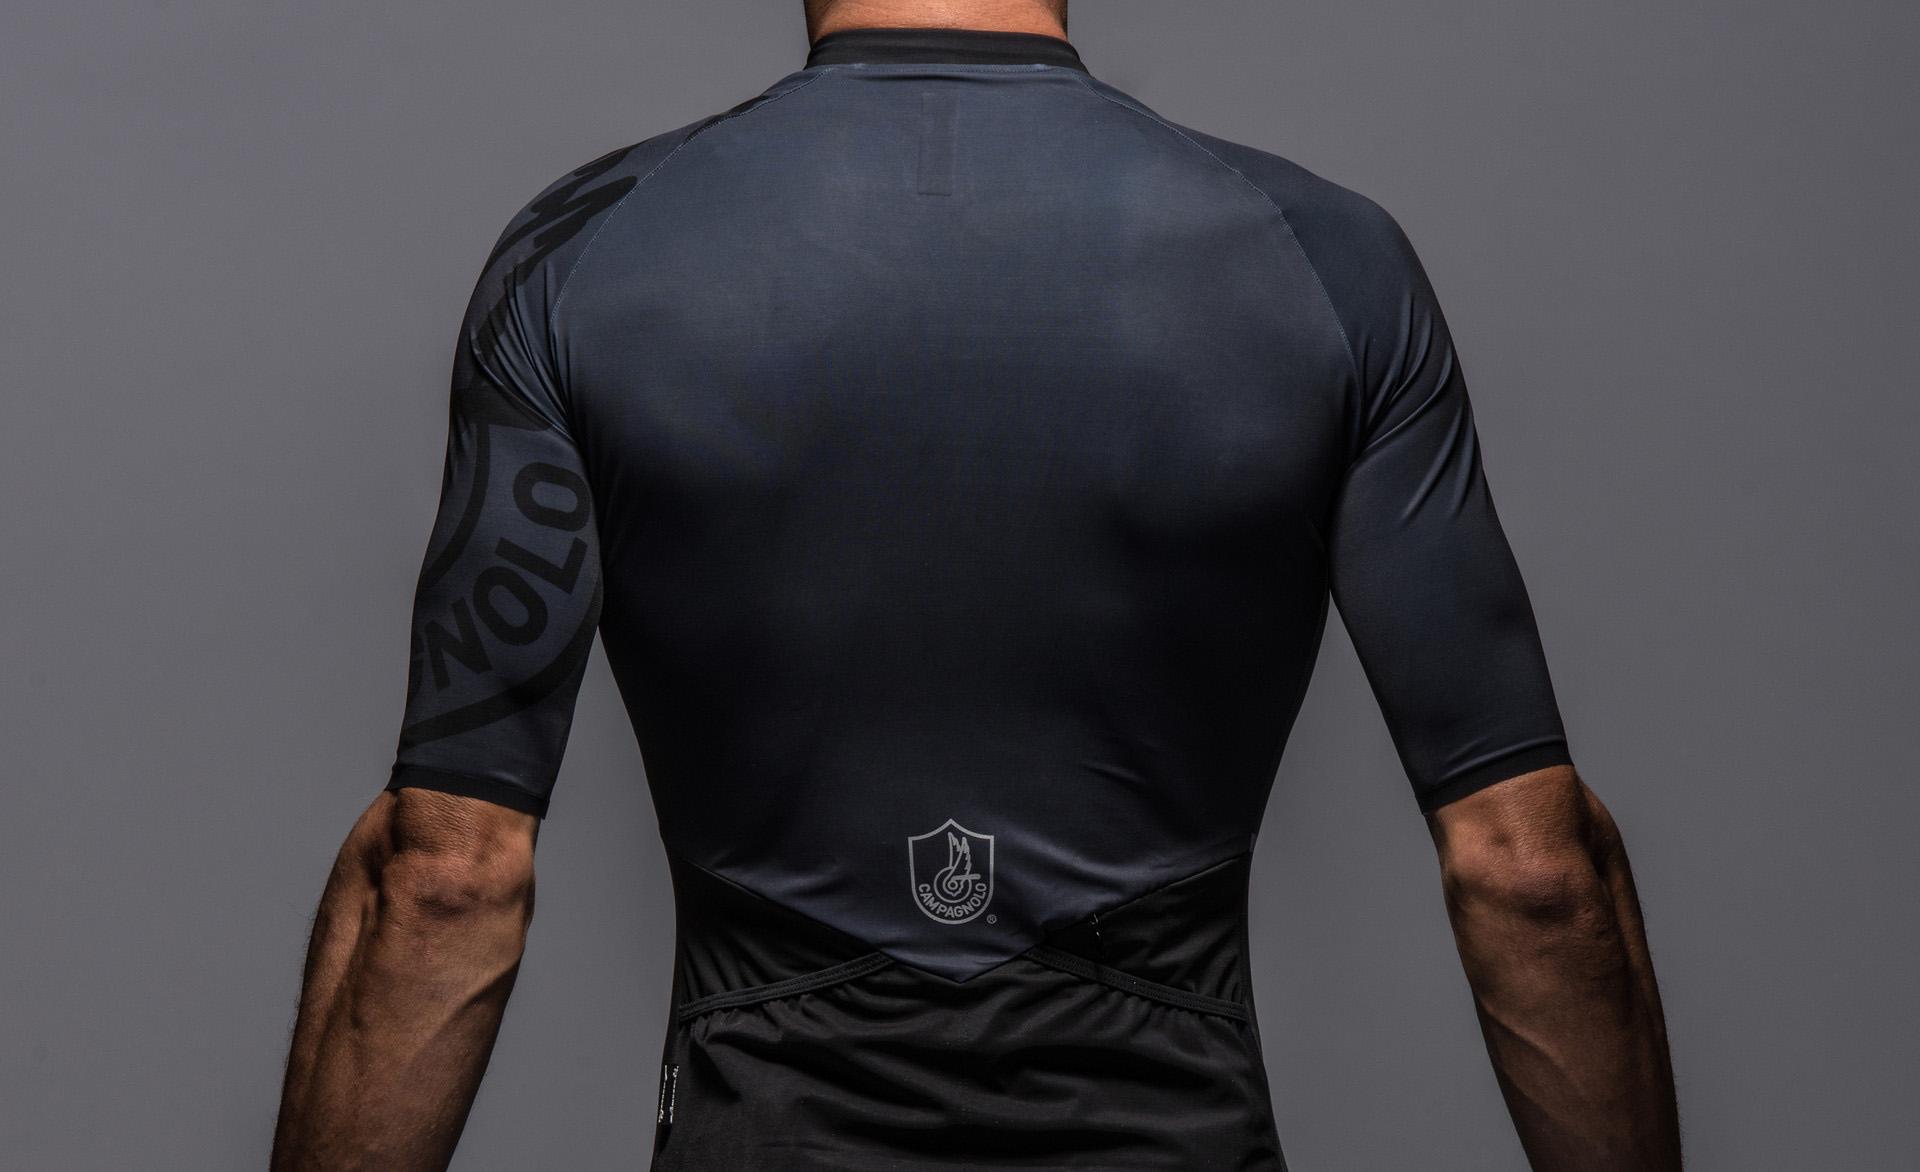 holdningskorrigerende tøj posture corrector